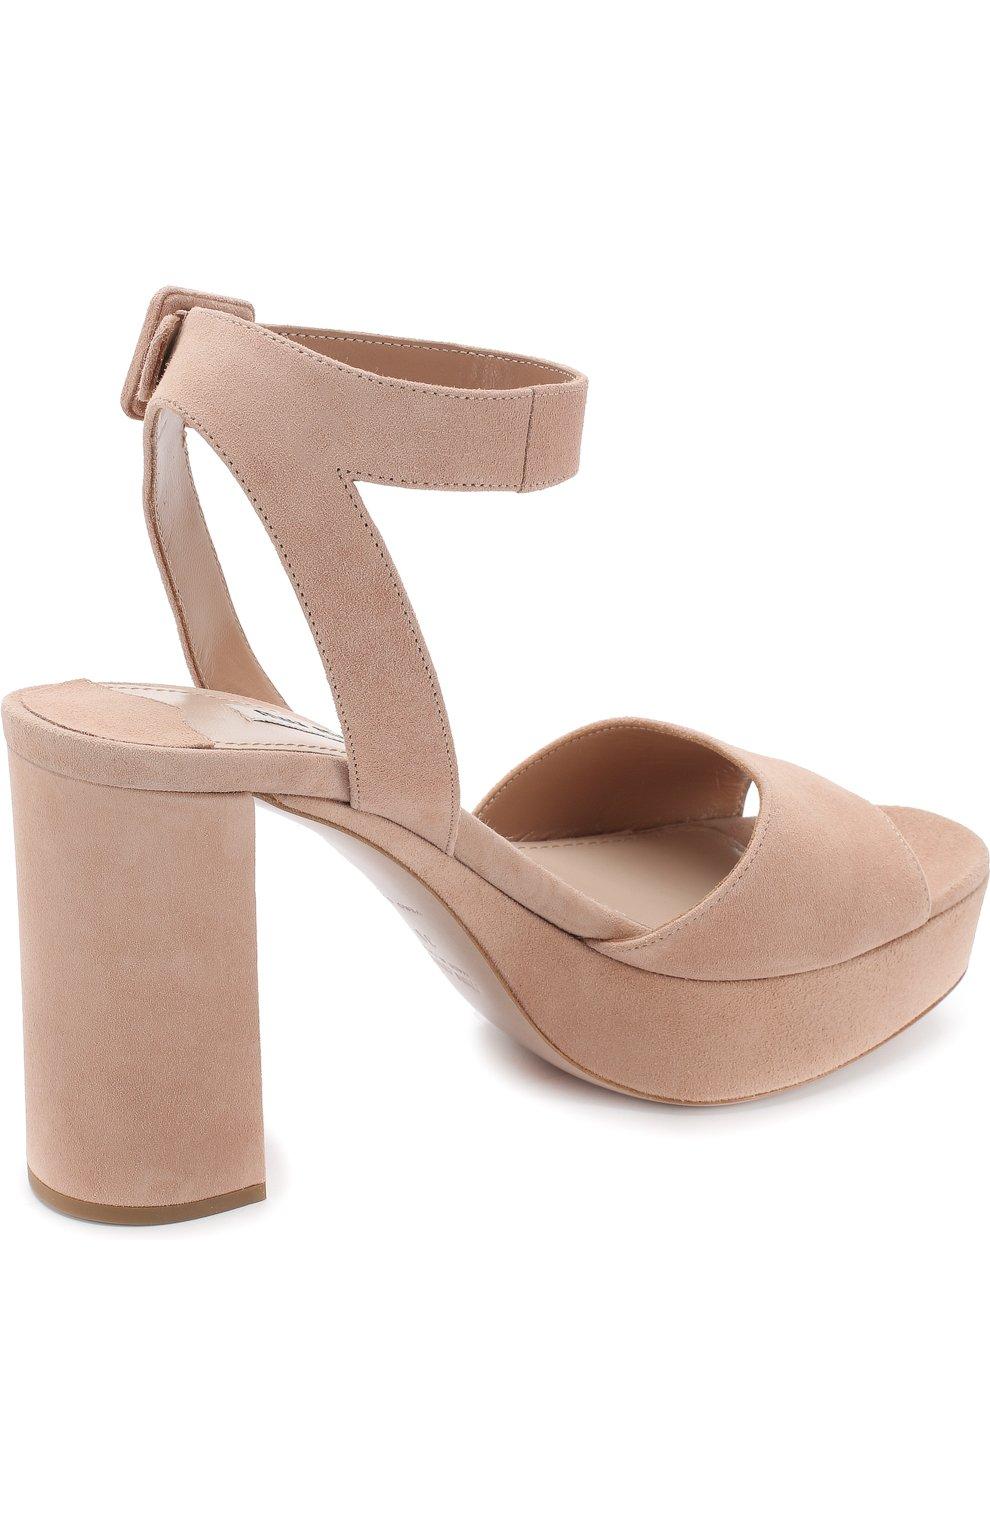 Женские бежевые замшевые босоножки на устойчивом каблуке MIU MIU ... 548a771f0a4